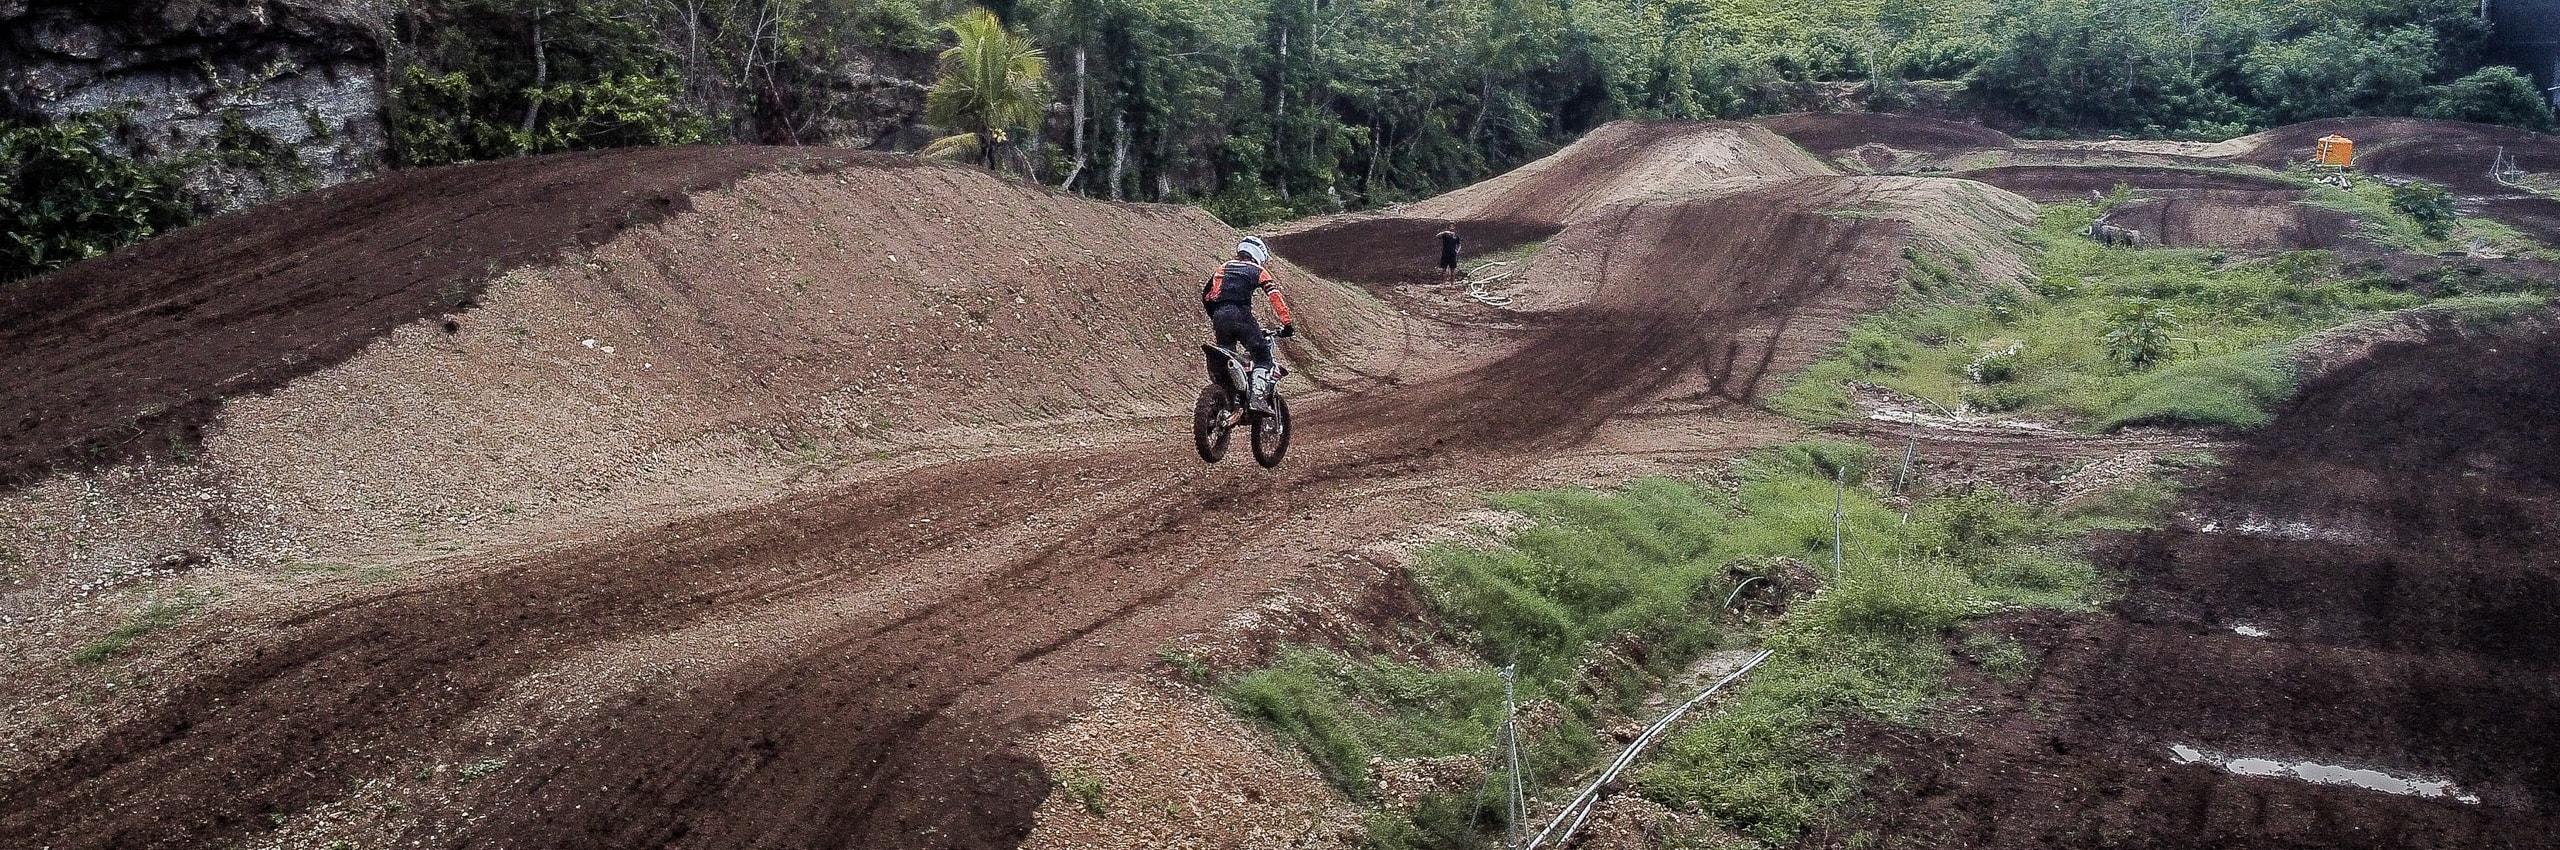 Motocross Action In Bali Dirt Bike Park